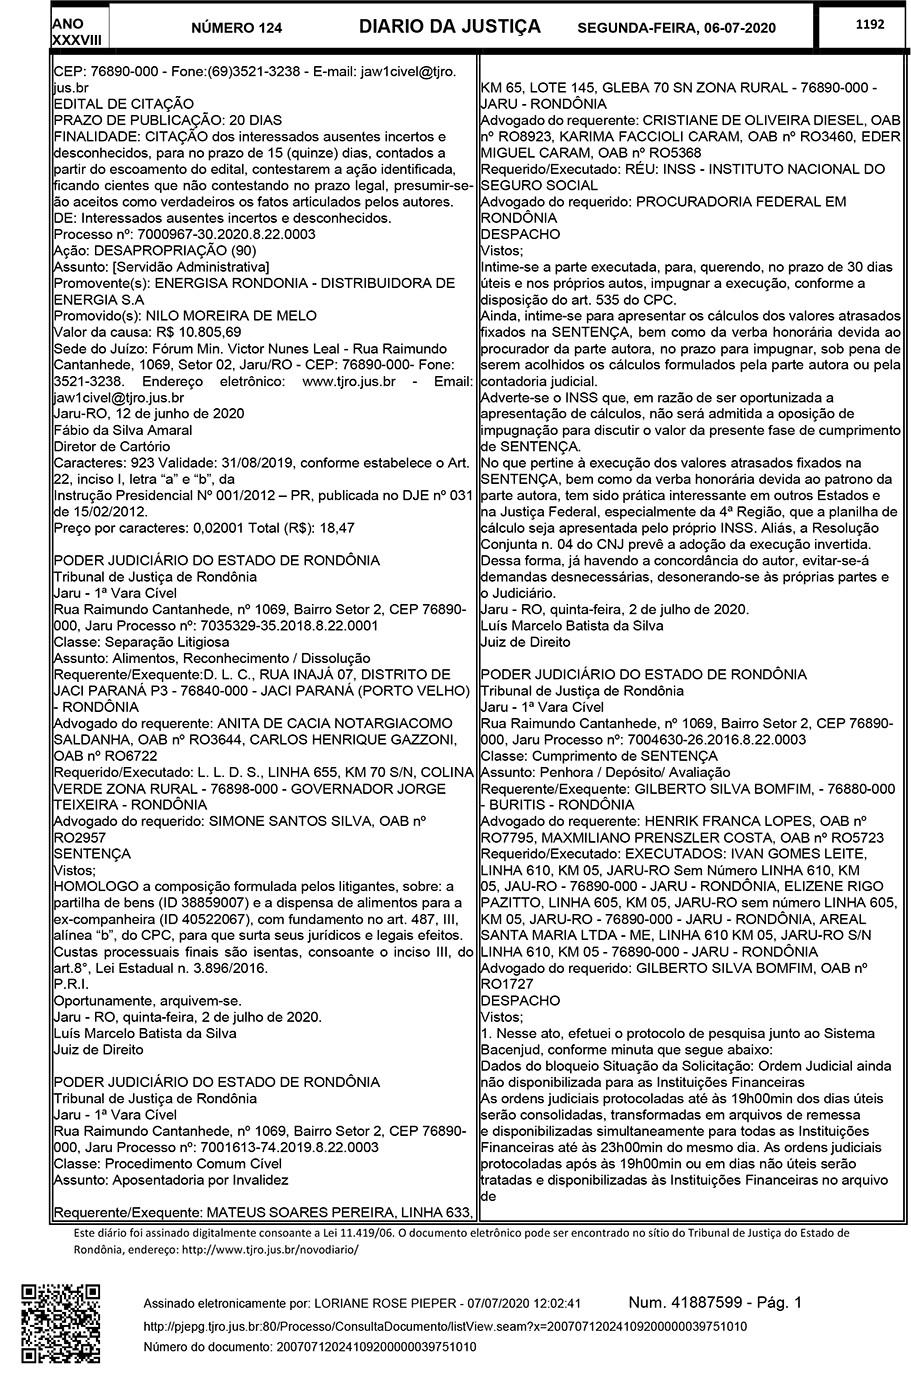 Edital de citação de Interessados ausentes incertos e desconhecidos – Processo 7000967-30.2020.8.22.0003